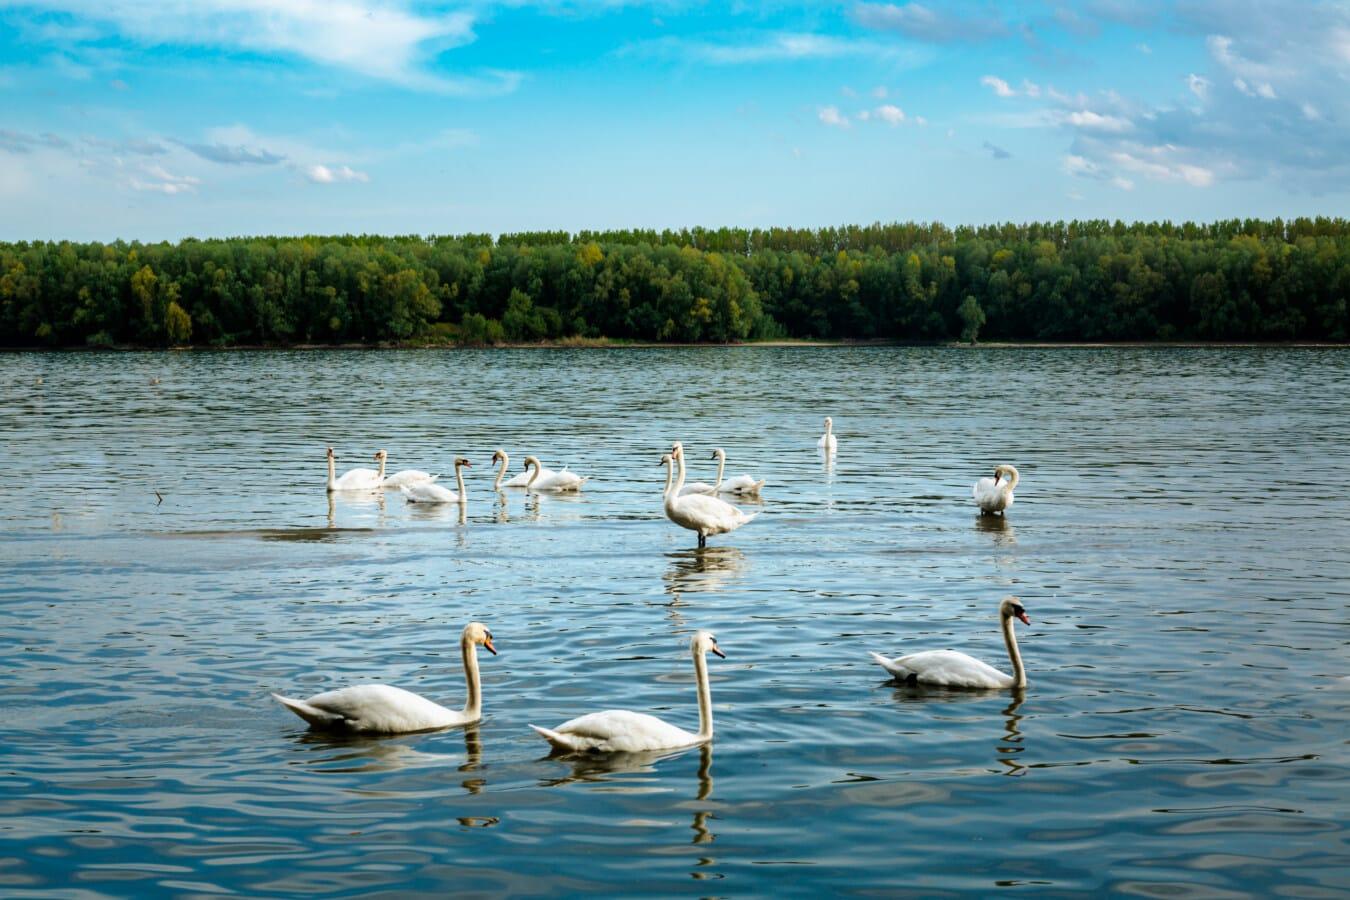 troupeau, oiseaux, cygne, piscine, Danube, rivière, oiseau, eau, oiseaux aquatique, réflexion